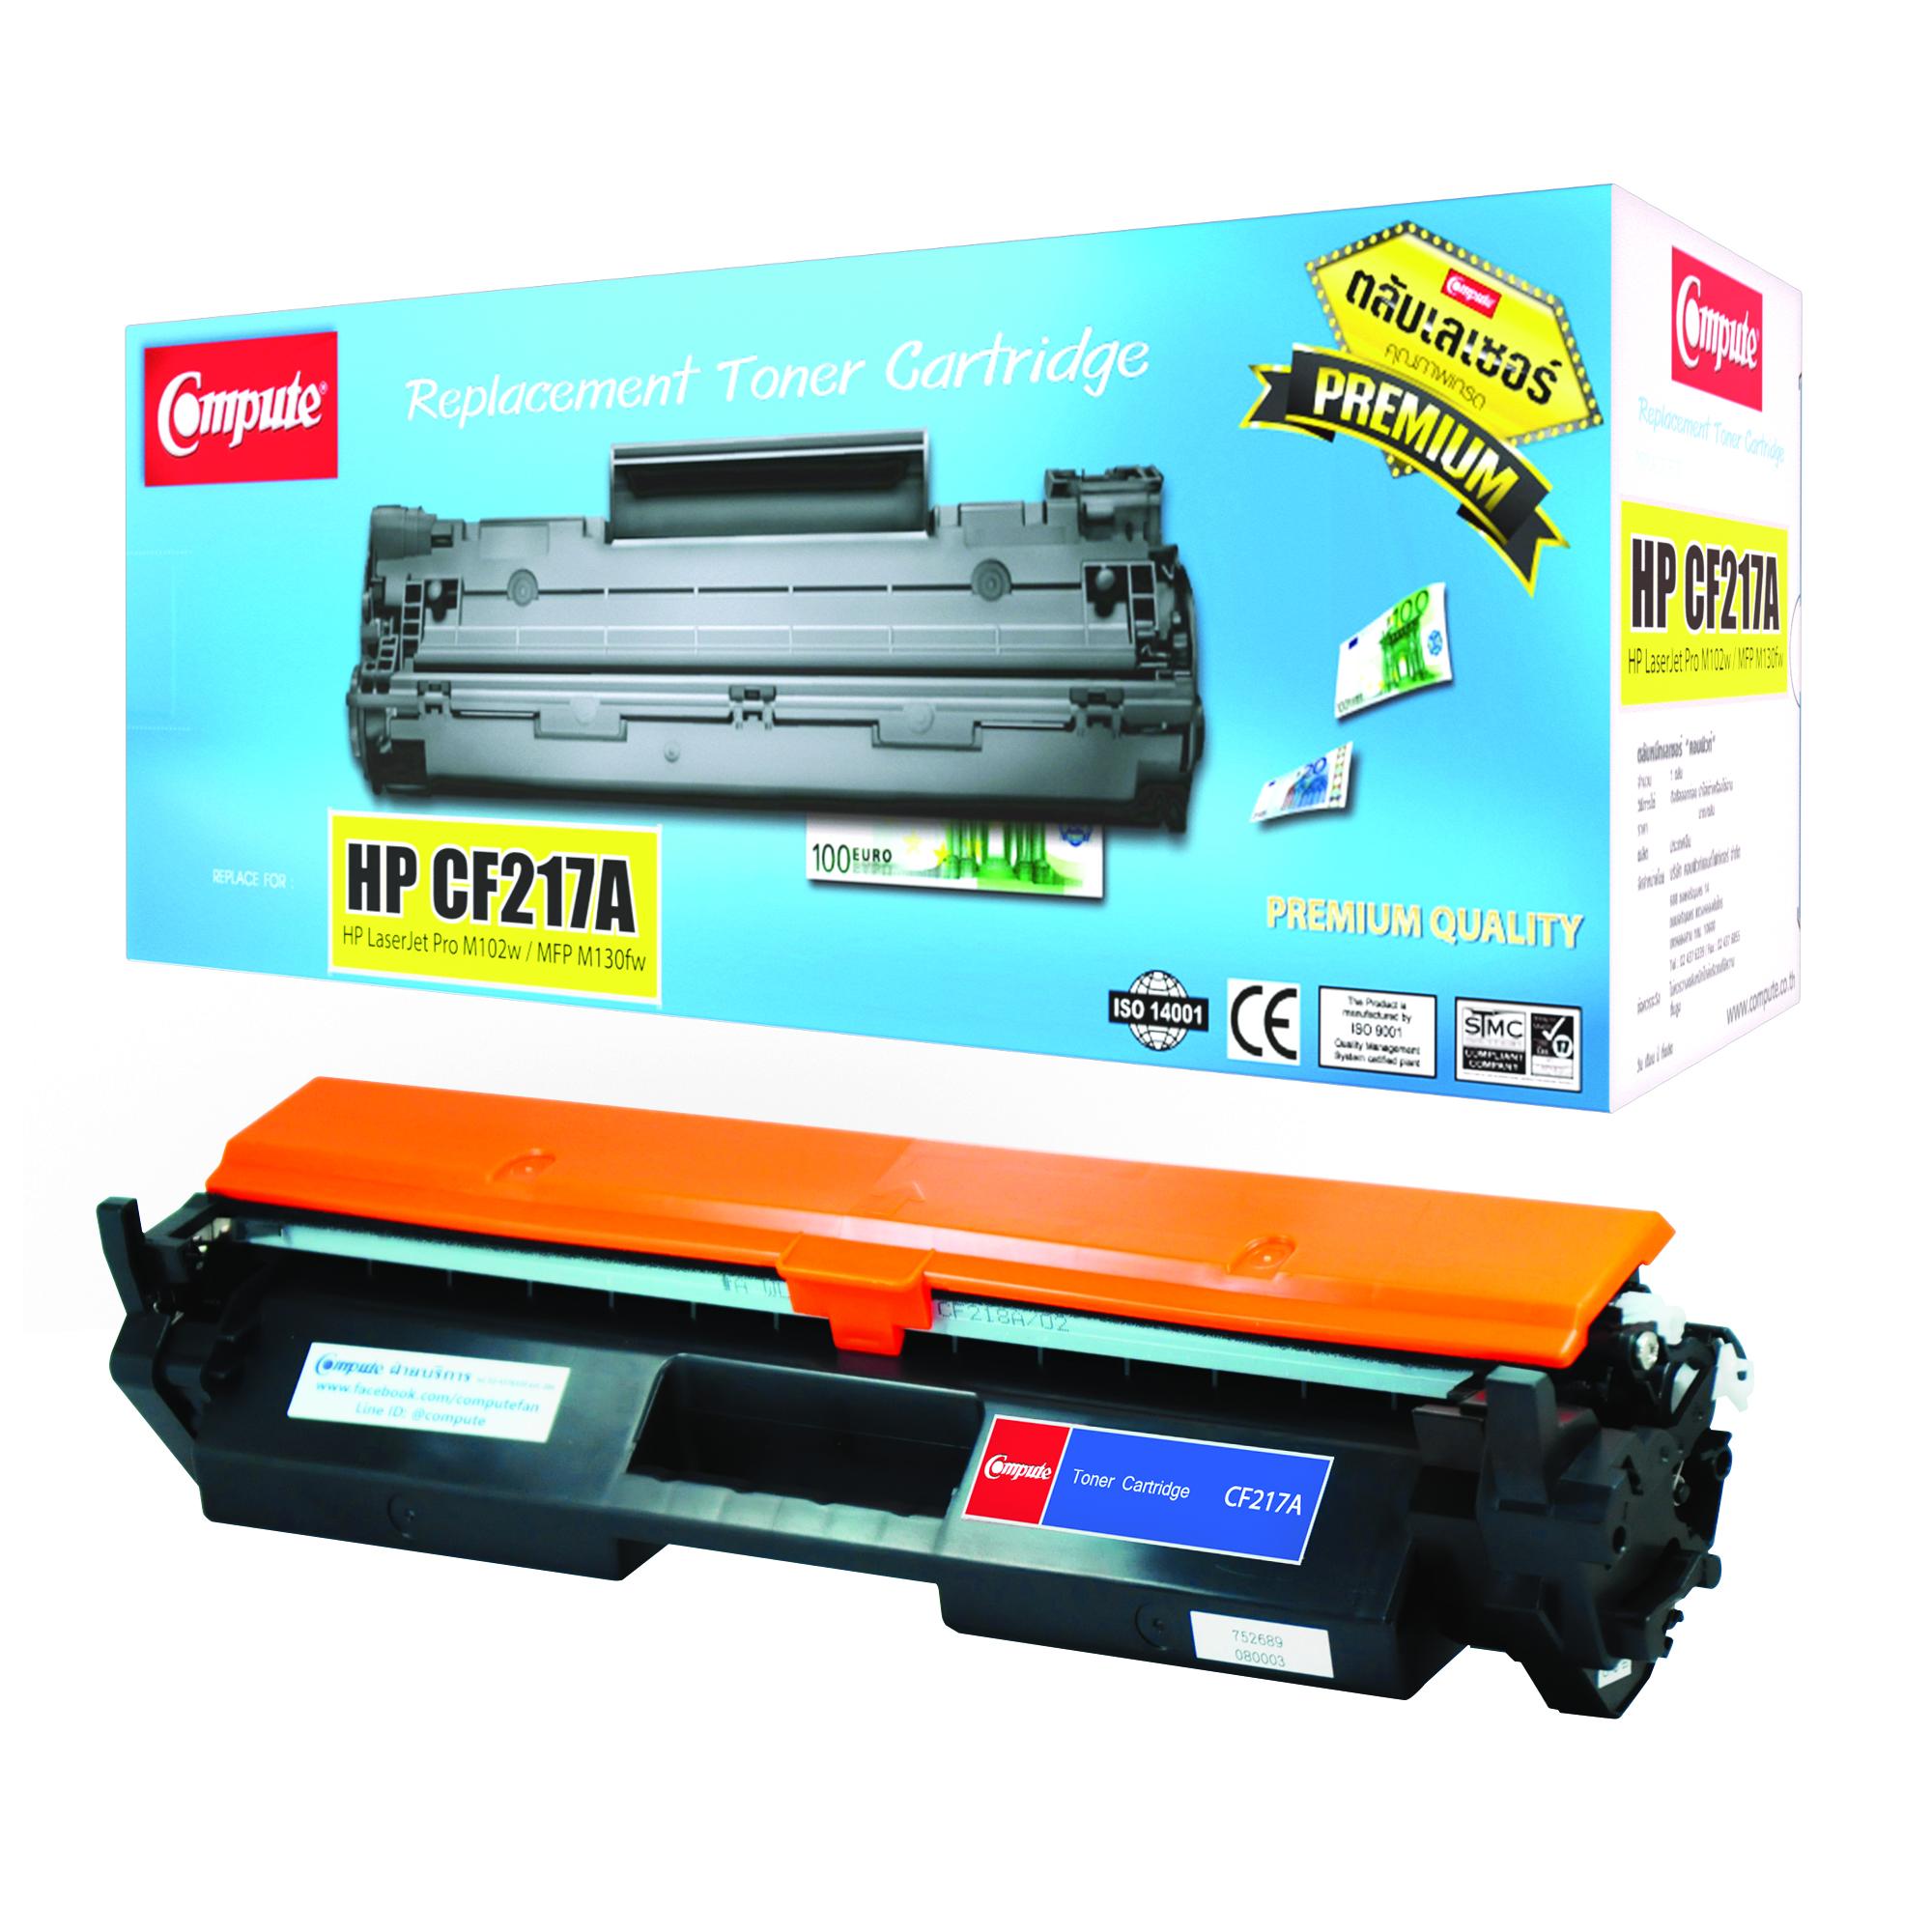 ตลับหมึกเลเซอร์ Compute HP CF217A (Toner Cartridge) (HP 17A)